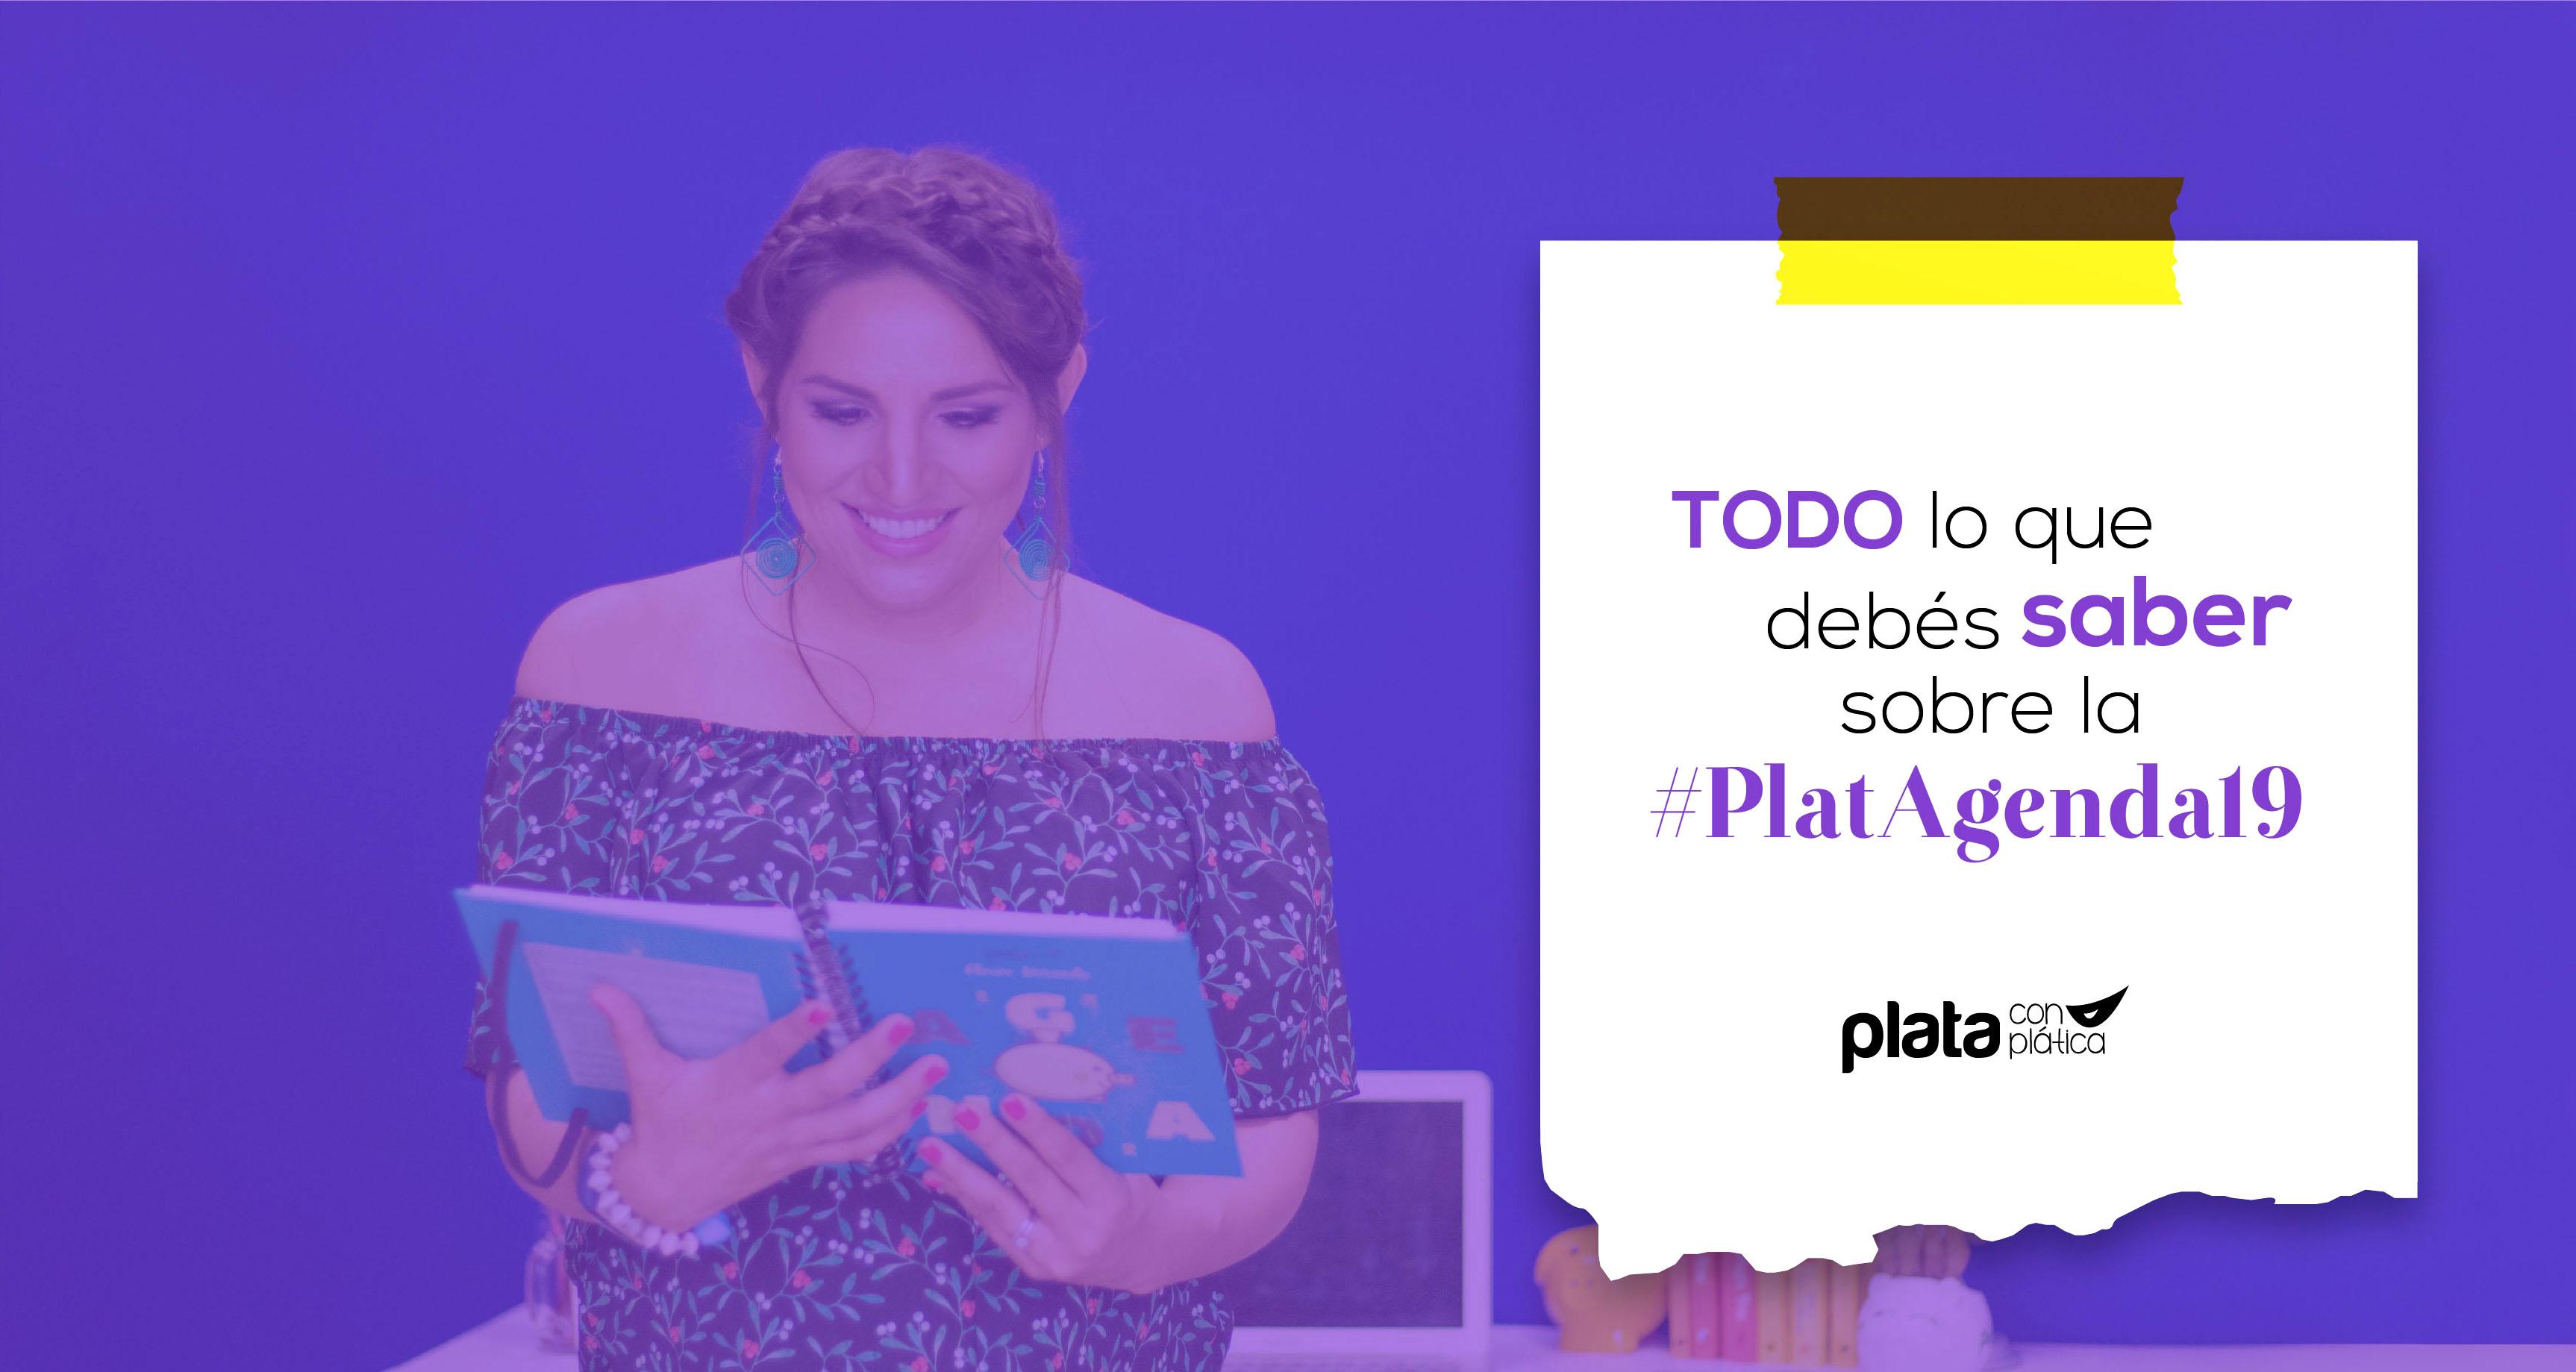 portada platagenda19   Plata con Plática